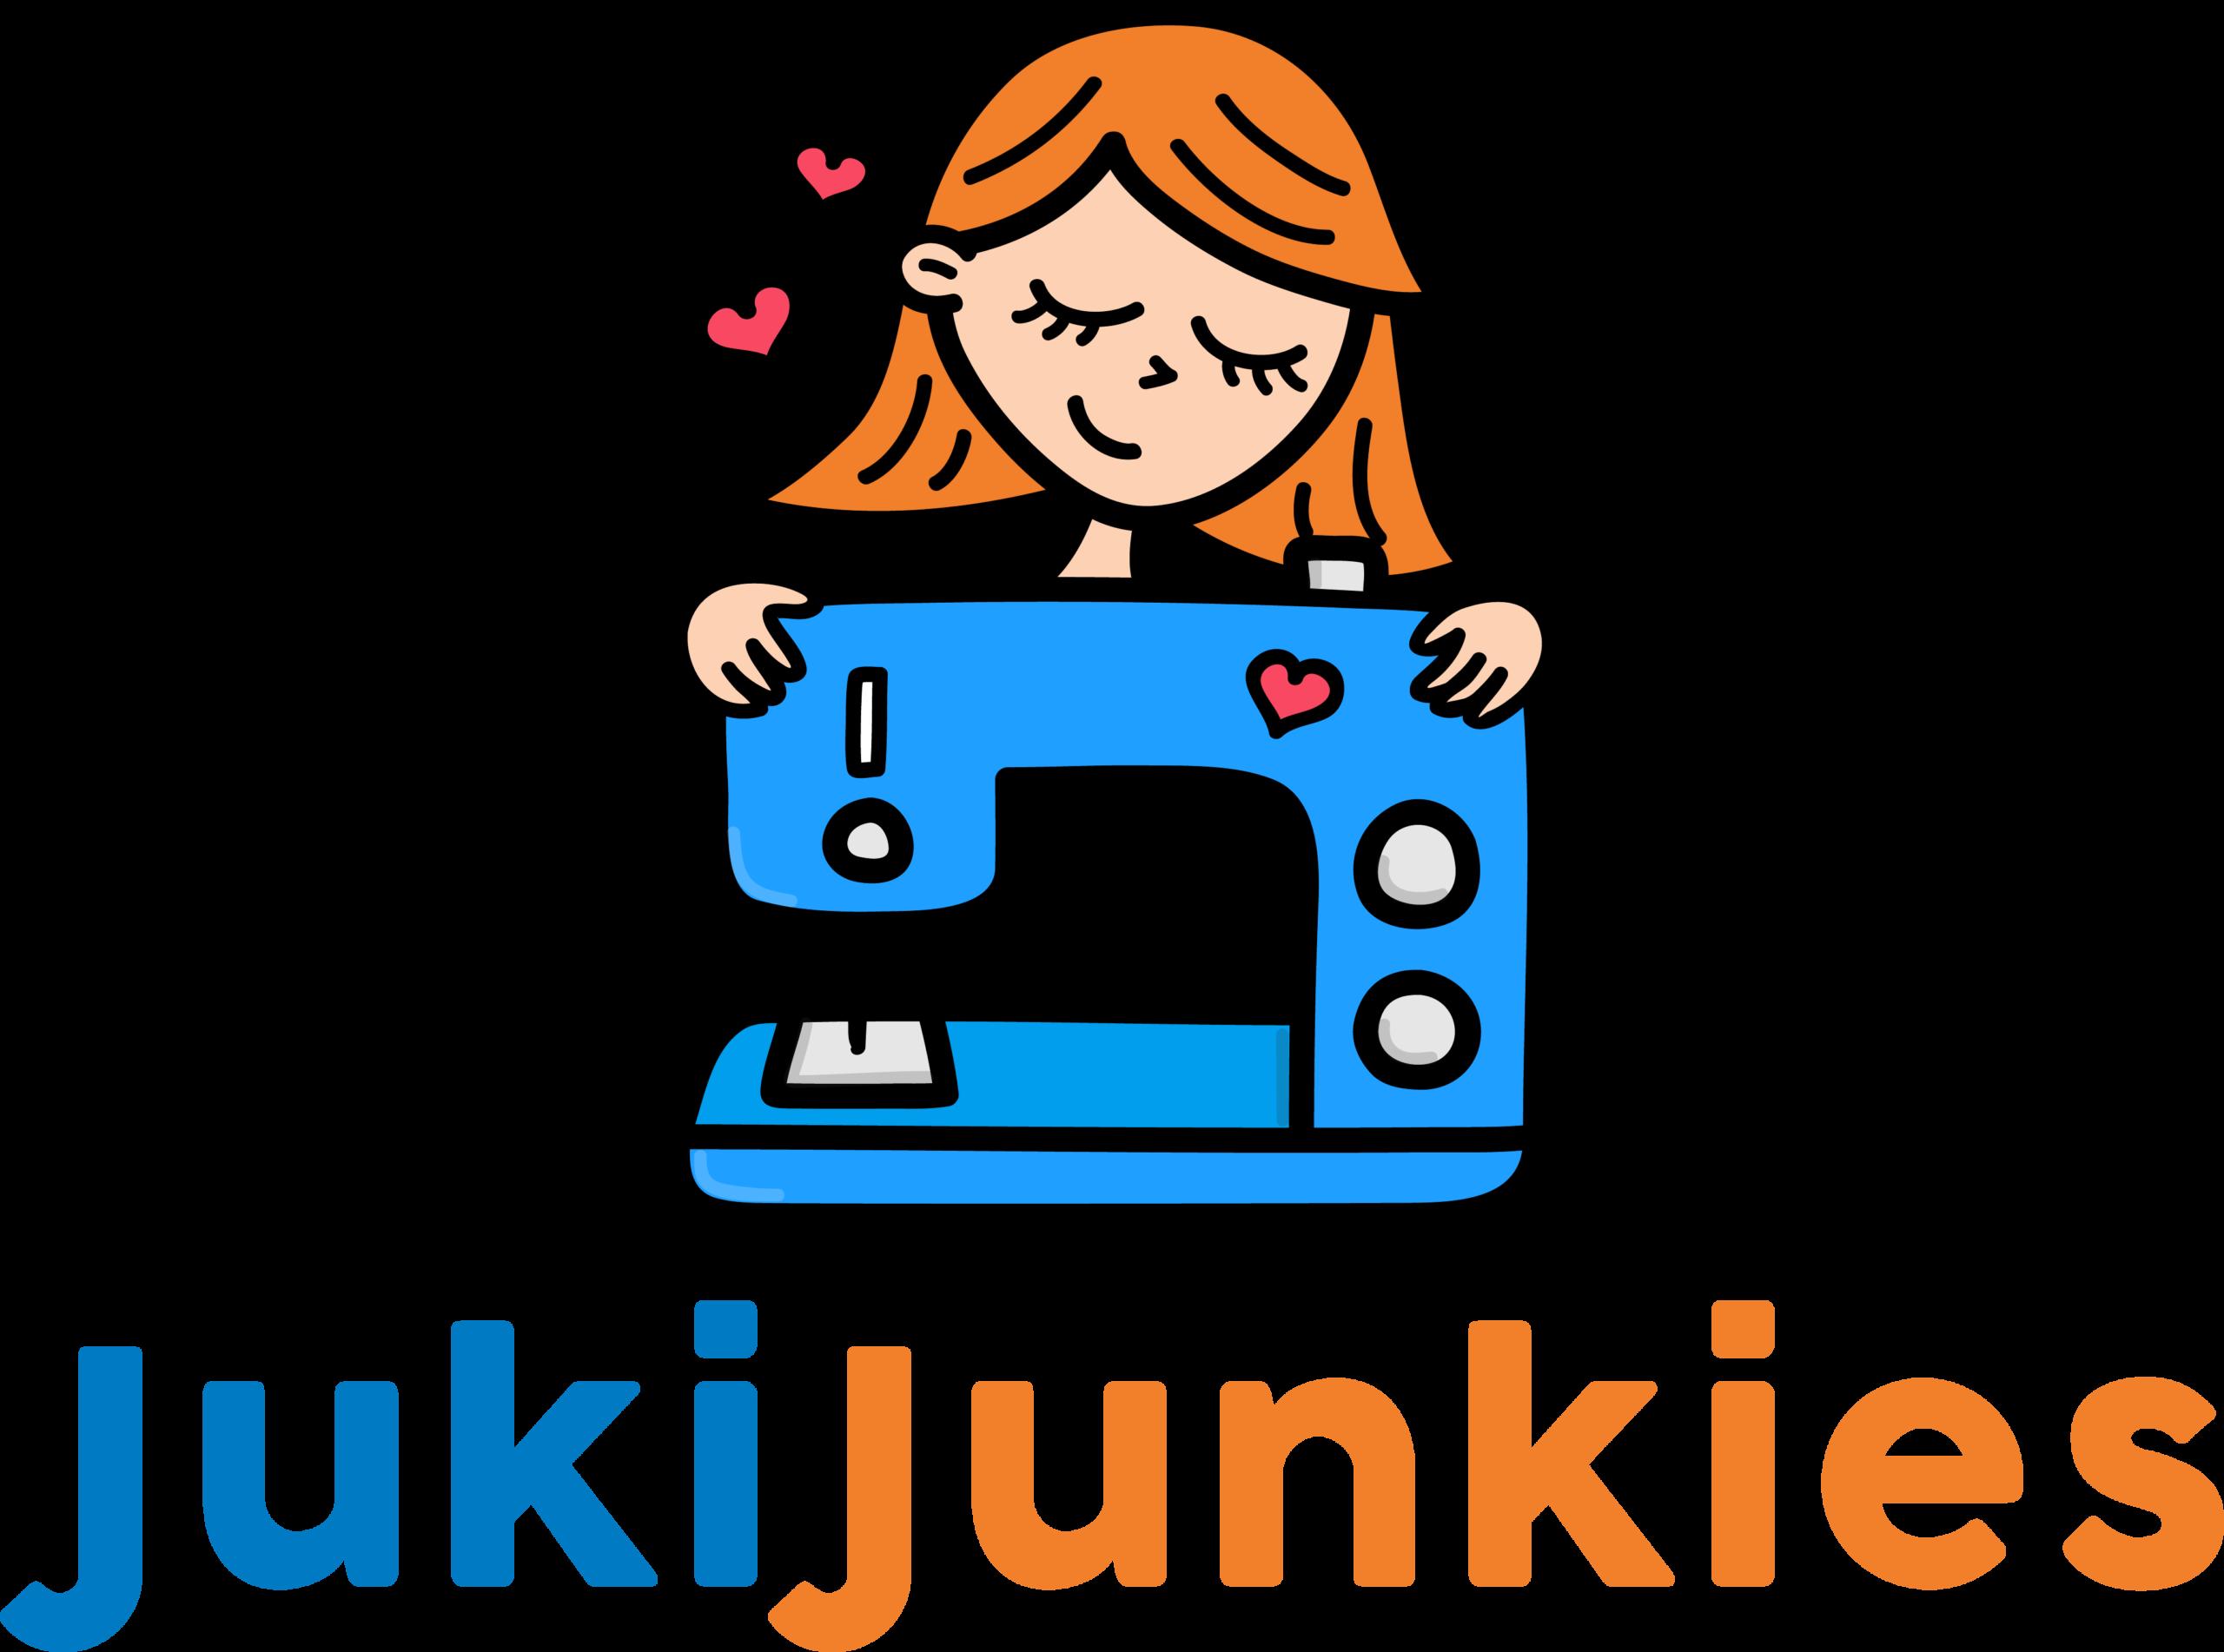 Juki Junkies